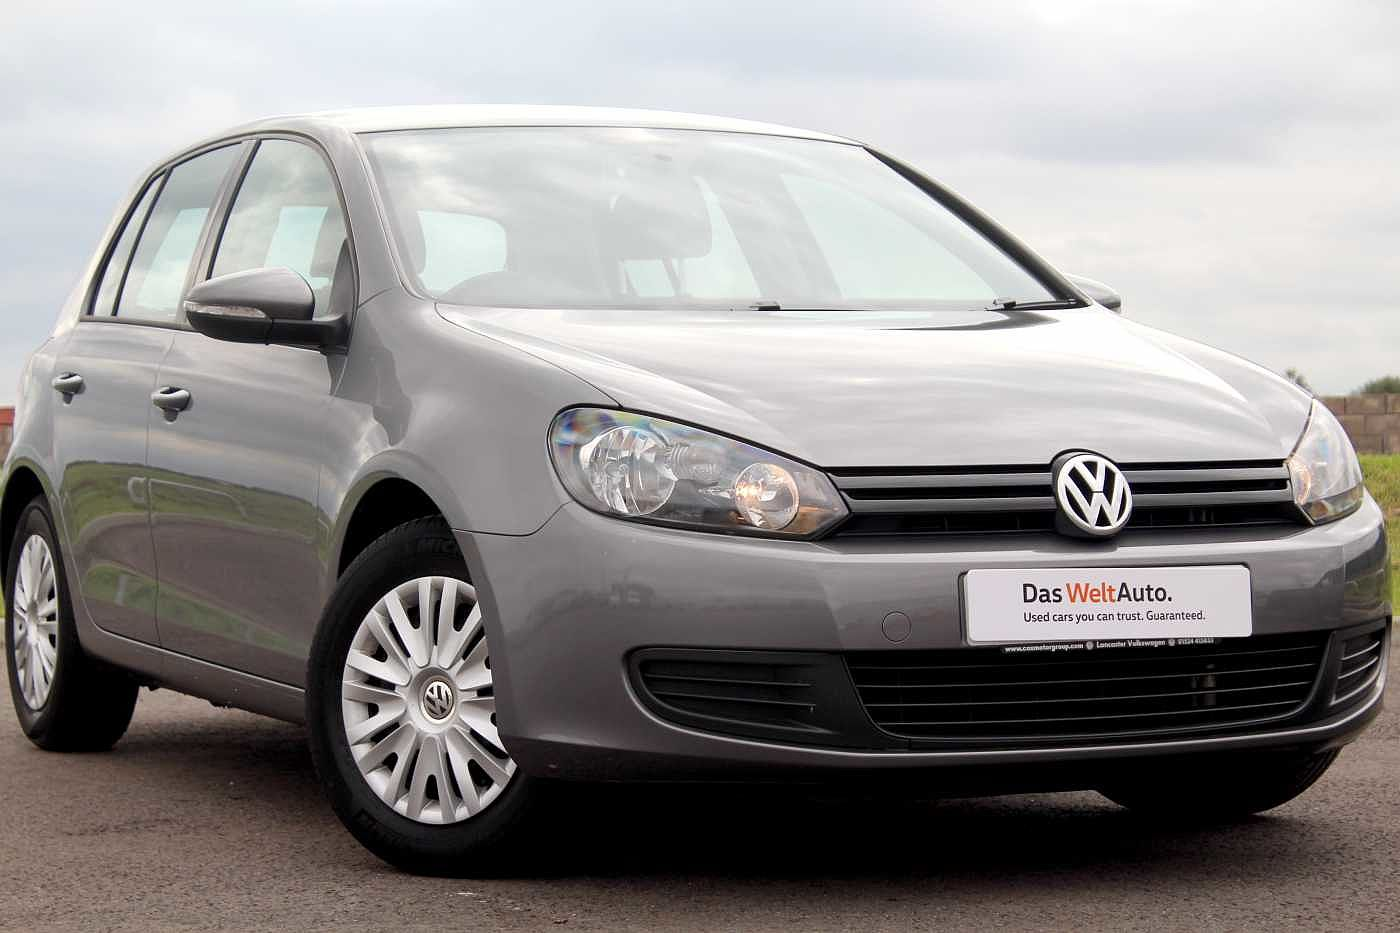 Volkswagen Golf 1.4 S 5dr